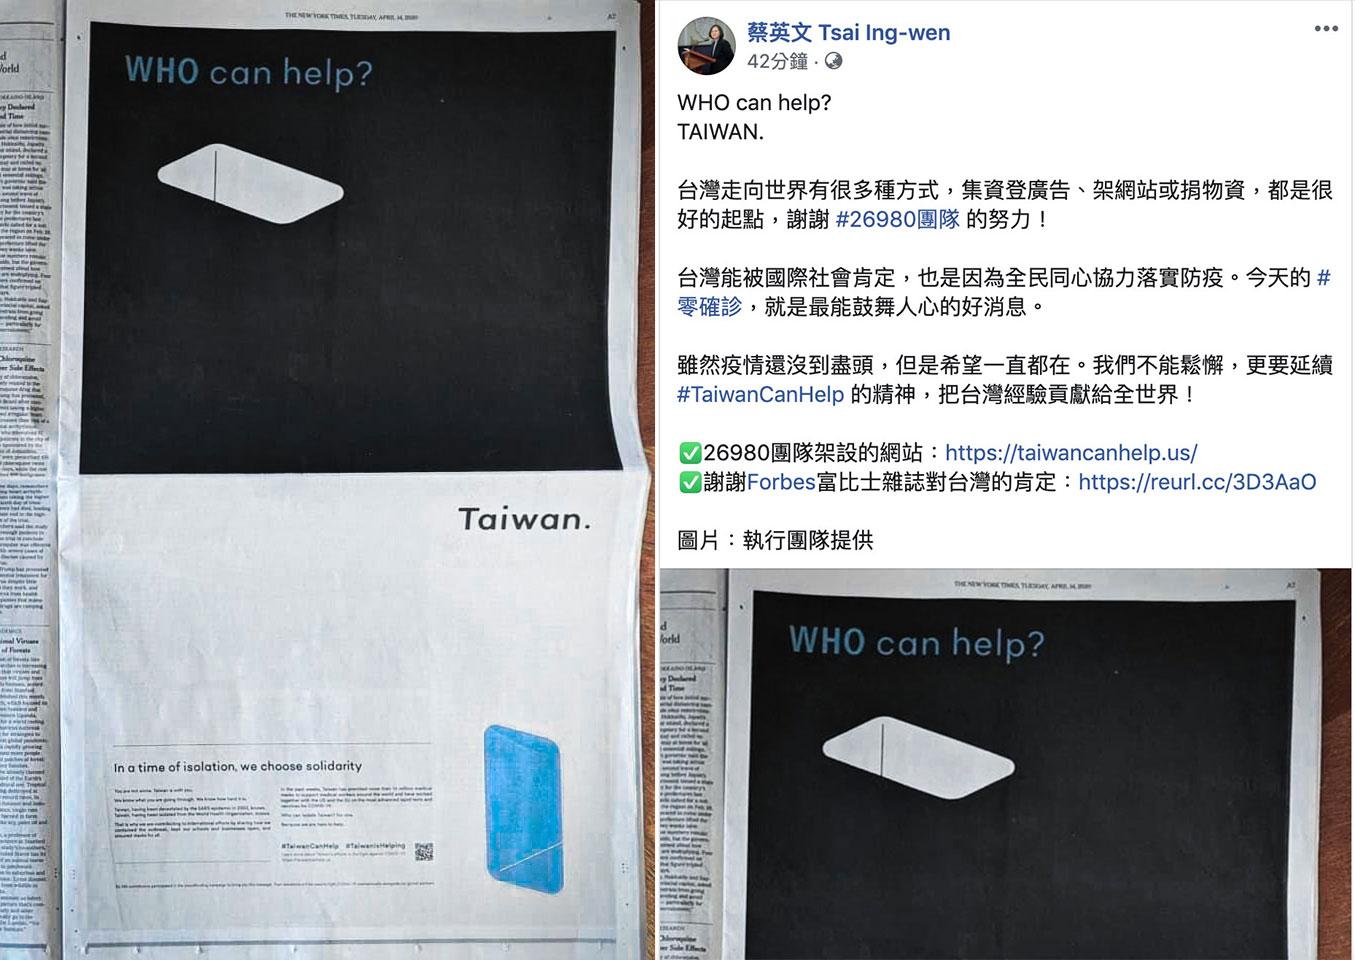 左图:蔡英文脸书分享台湾16小时内2万多人集资新台币1千多万,先买下4月14日纽约时报全版广告,回应世卫总干事谭德塞指控台湾对他人身攻击。右图:蔡英文脸书分享台湾人集资买下4月14日纽约时报全版广告,回应世卫总干事谭德塞指控台湾对他人身攻击。(蔡英文脸书)